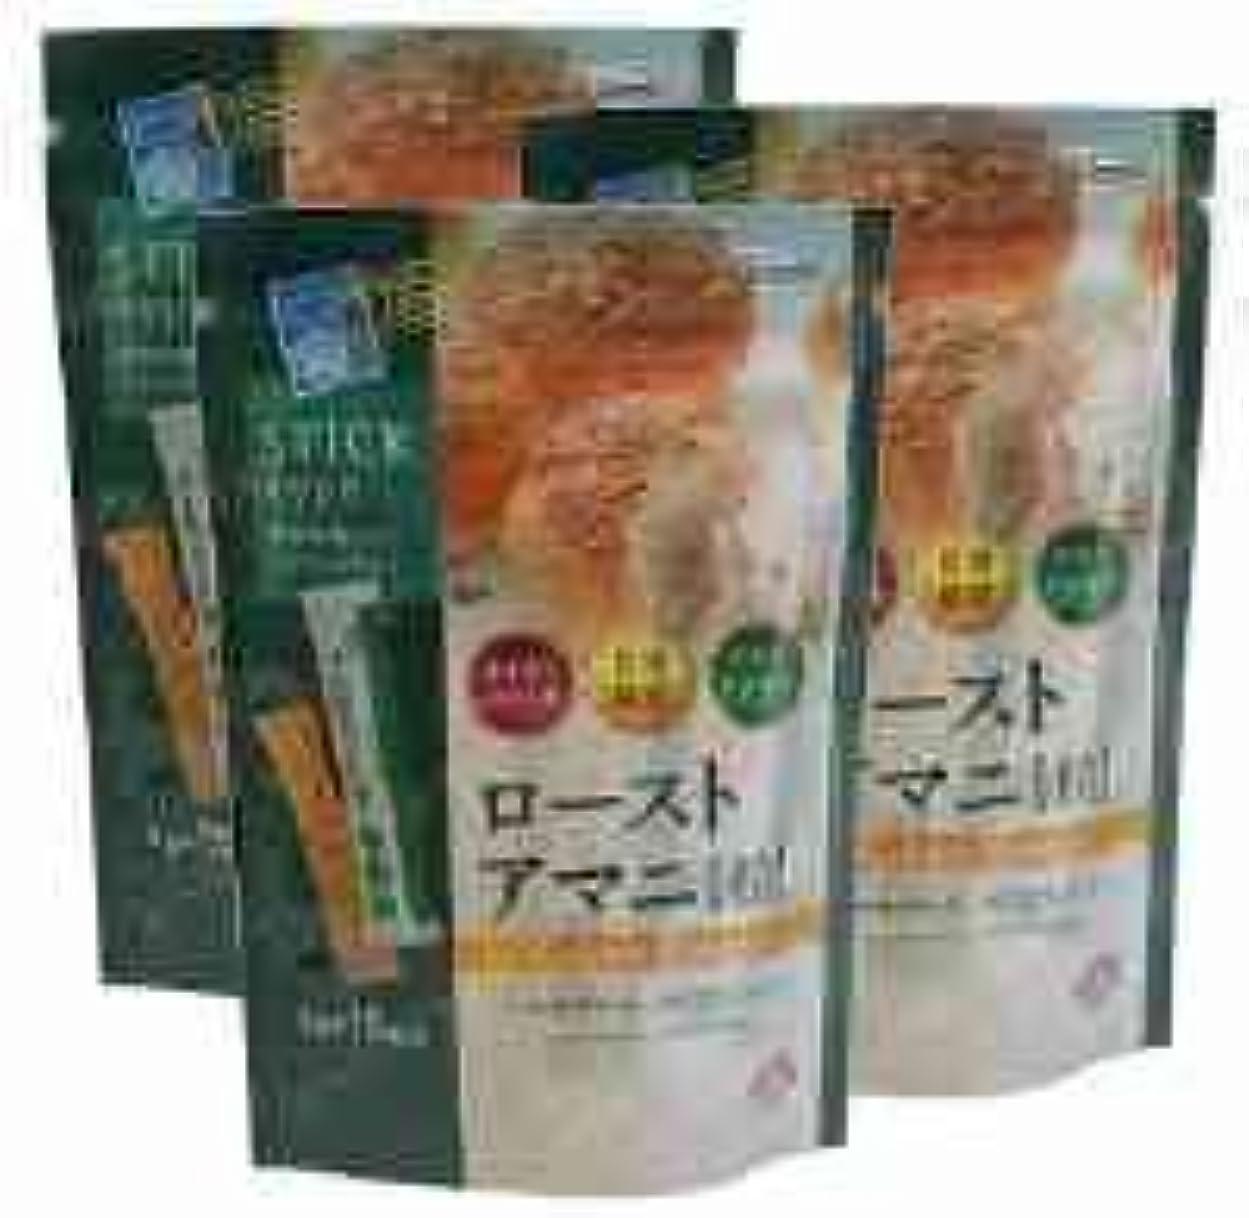 とティーム凶暴な広げるローストアマニ粒【3袋セット】日本製粉